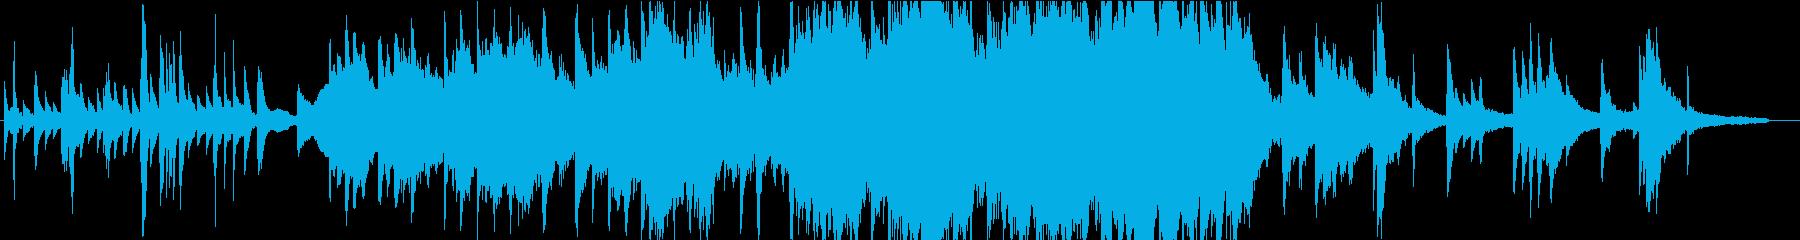 ピアノ・オーケストラによる感動的な曲の再生済みの波形